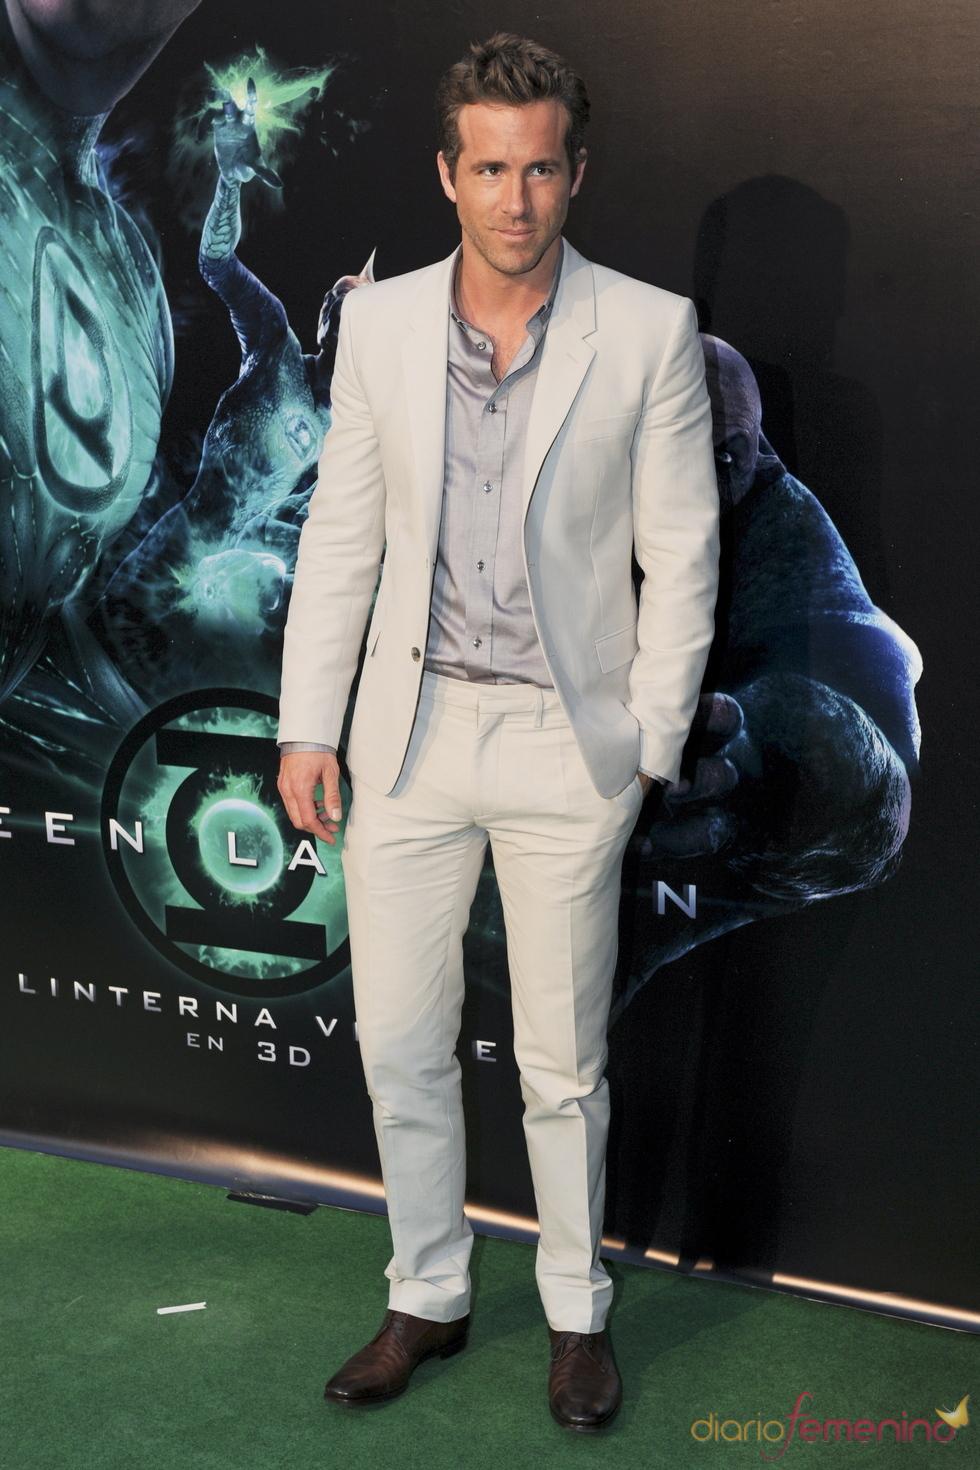 Ryan Reynolds en el estreno de 'Linterna verde' en Madrid